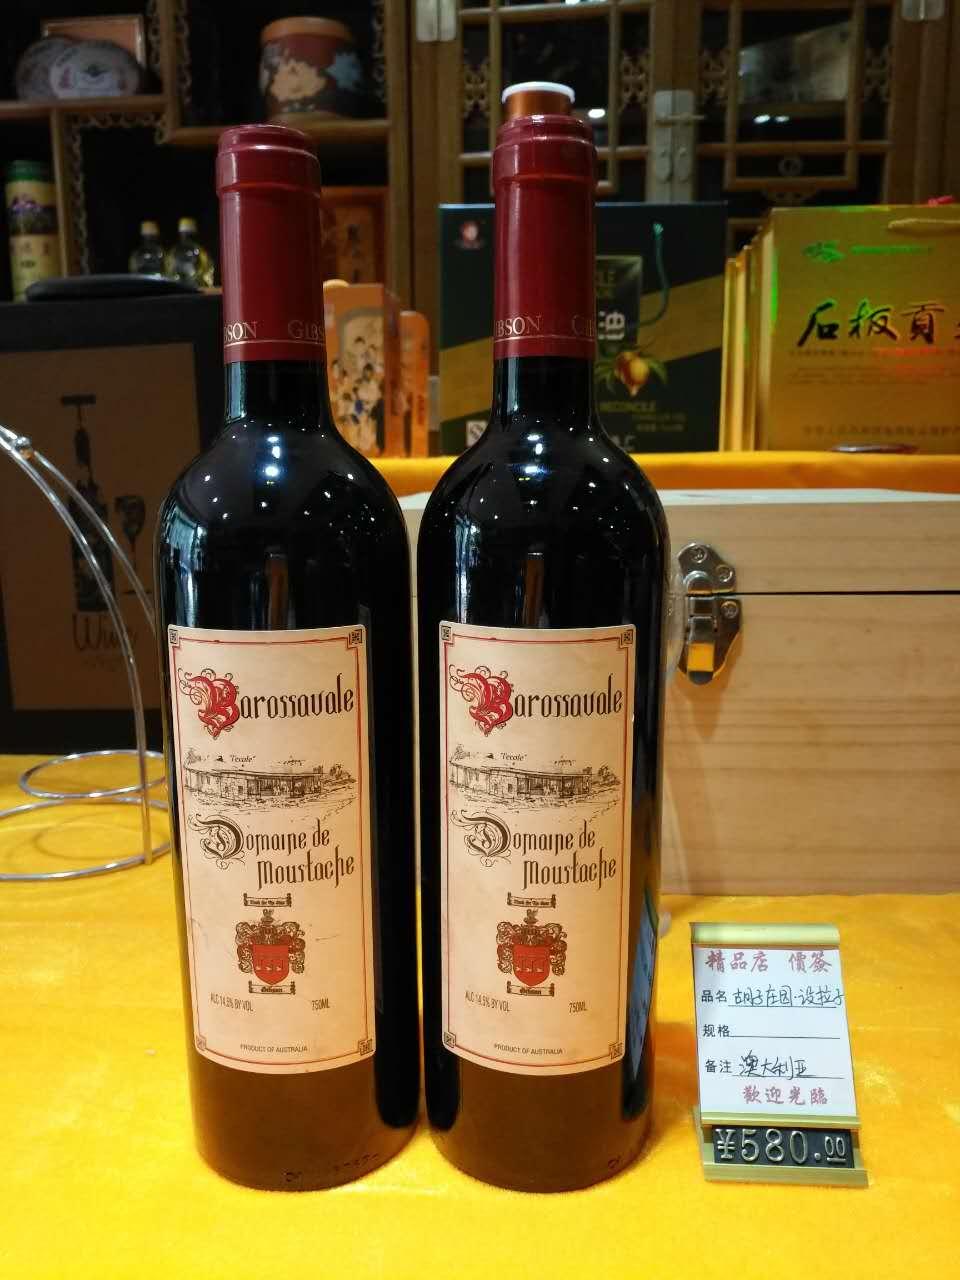 澳洲原装进口红酒批发供应  澳洲原装进口红酒品牌